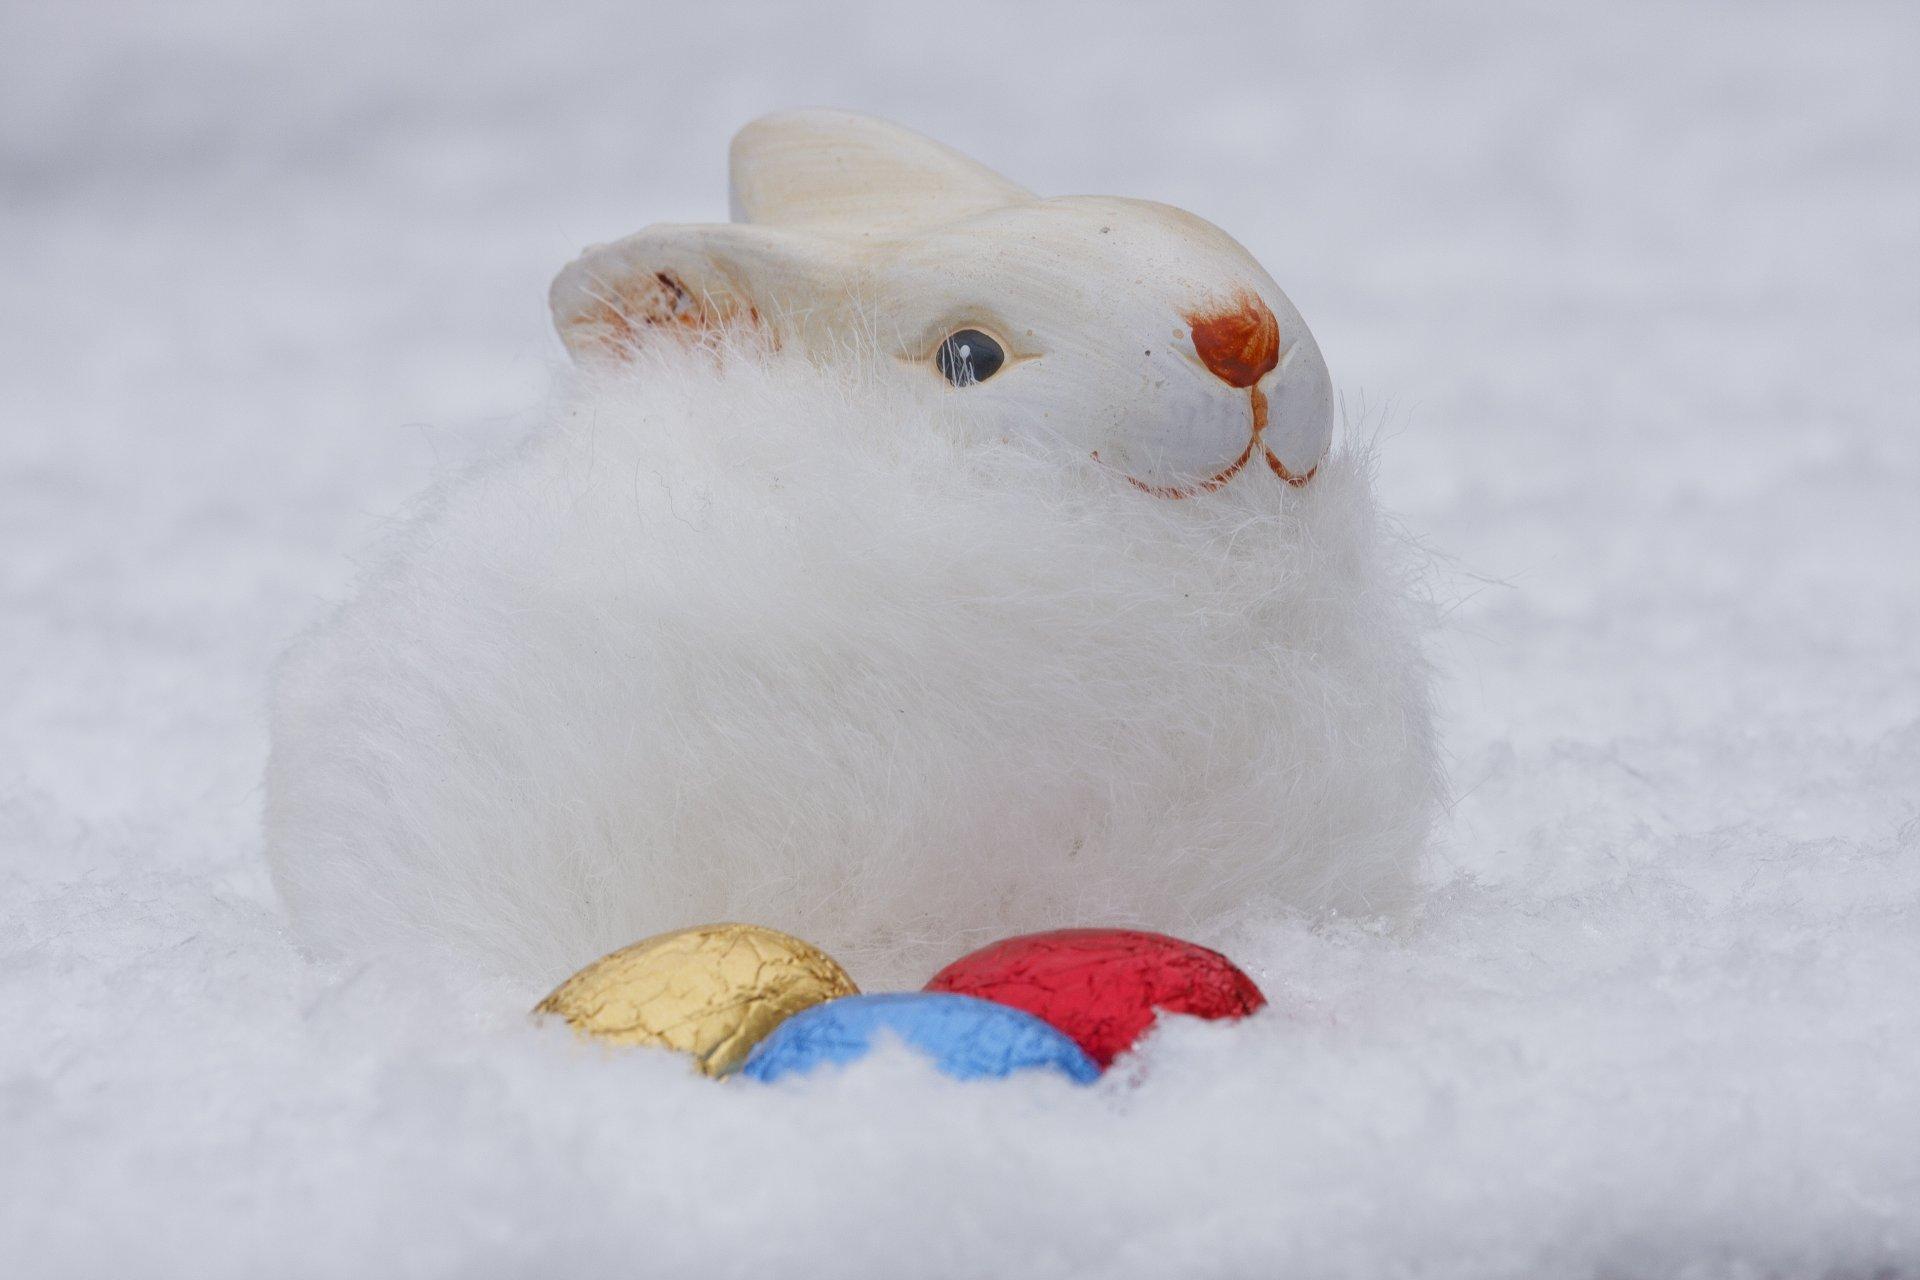 есть красивые картинки заяц на снегу показали, что